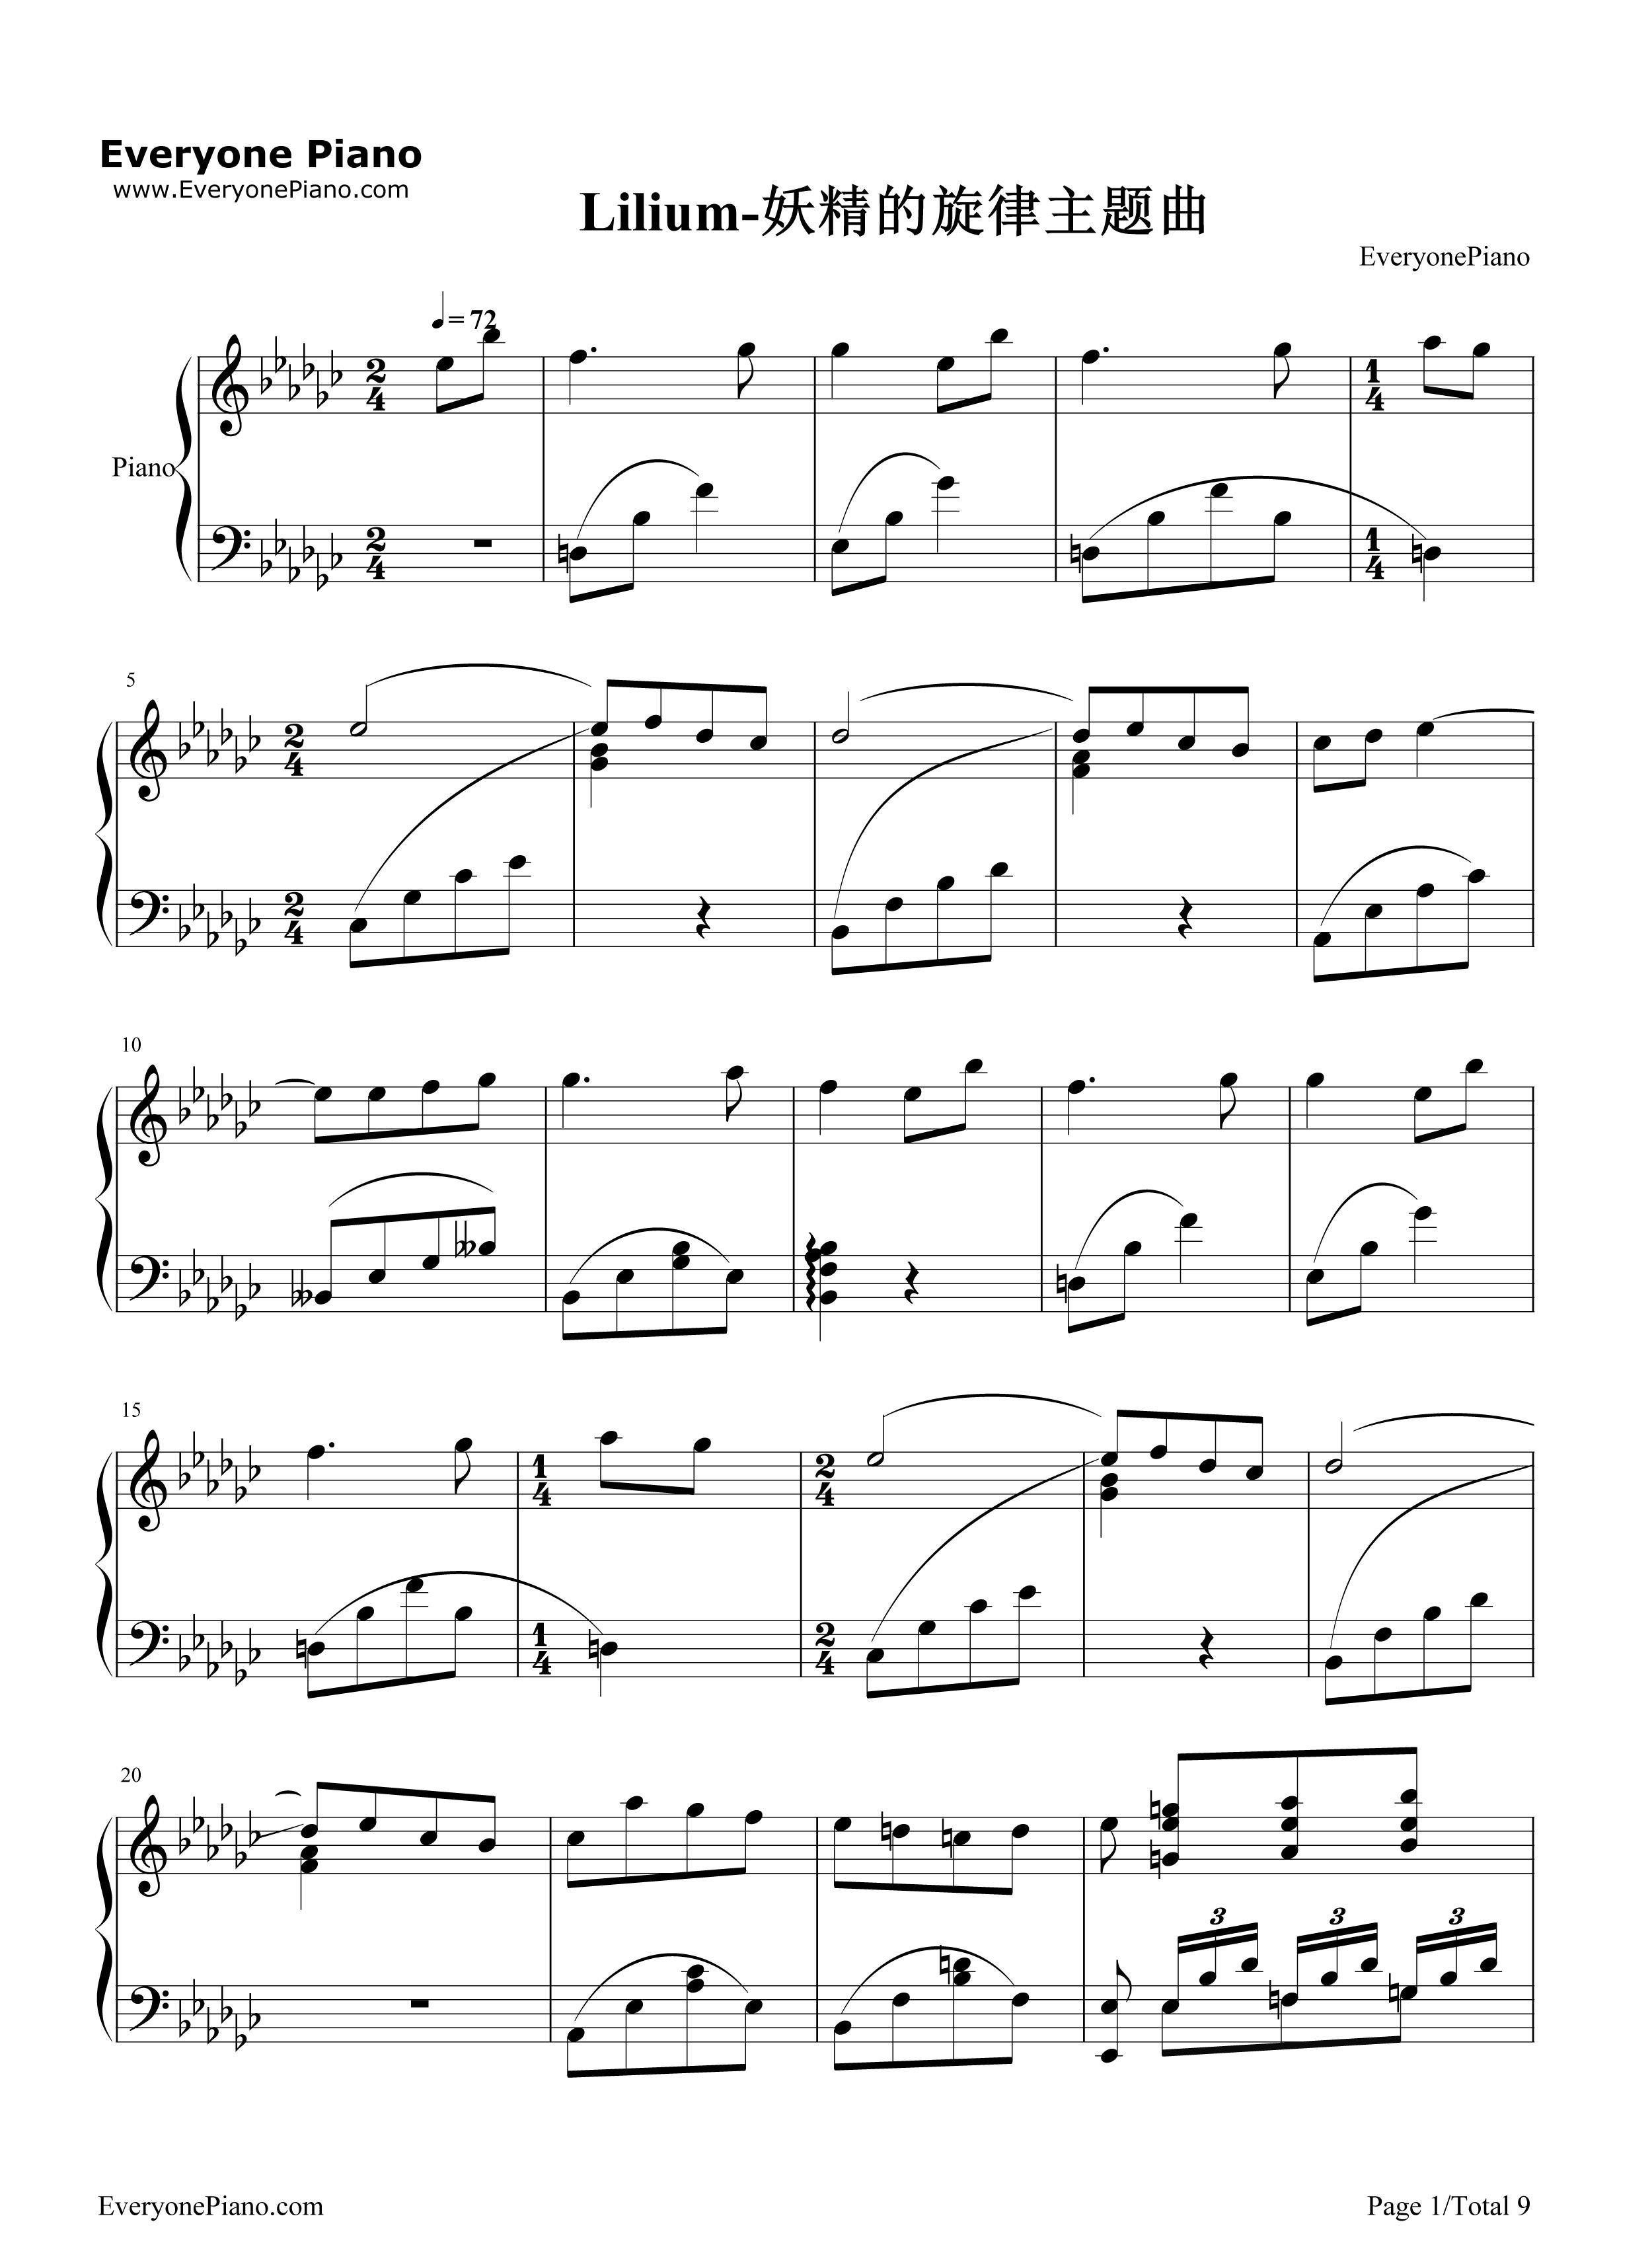 lilium-妖精的旋律主题曲五线谱预览1